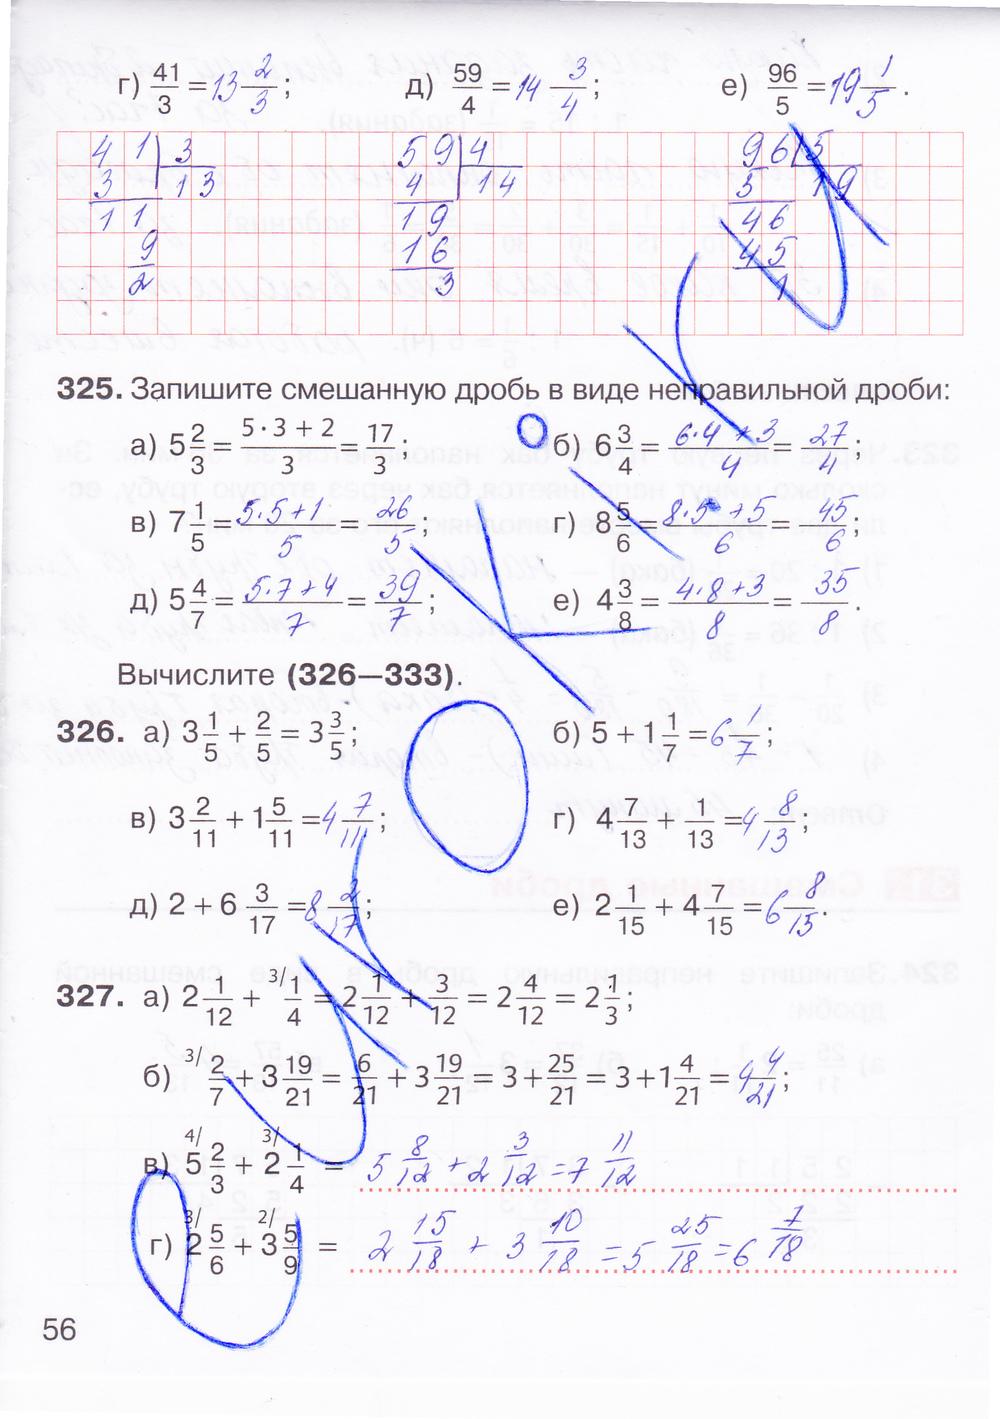 м а потапов в к 5 математике по шевкин класс гдз